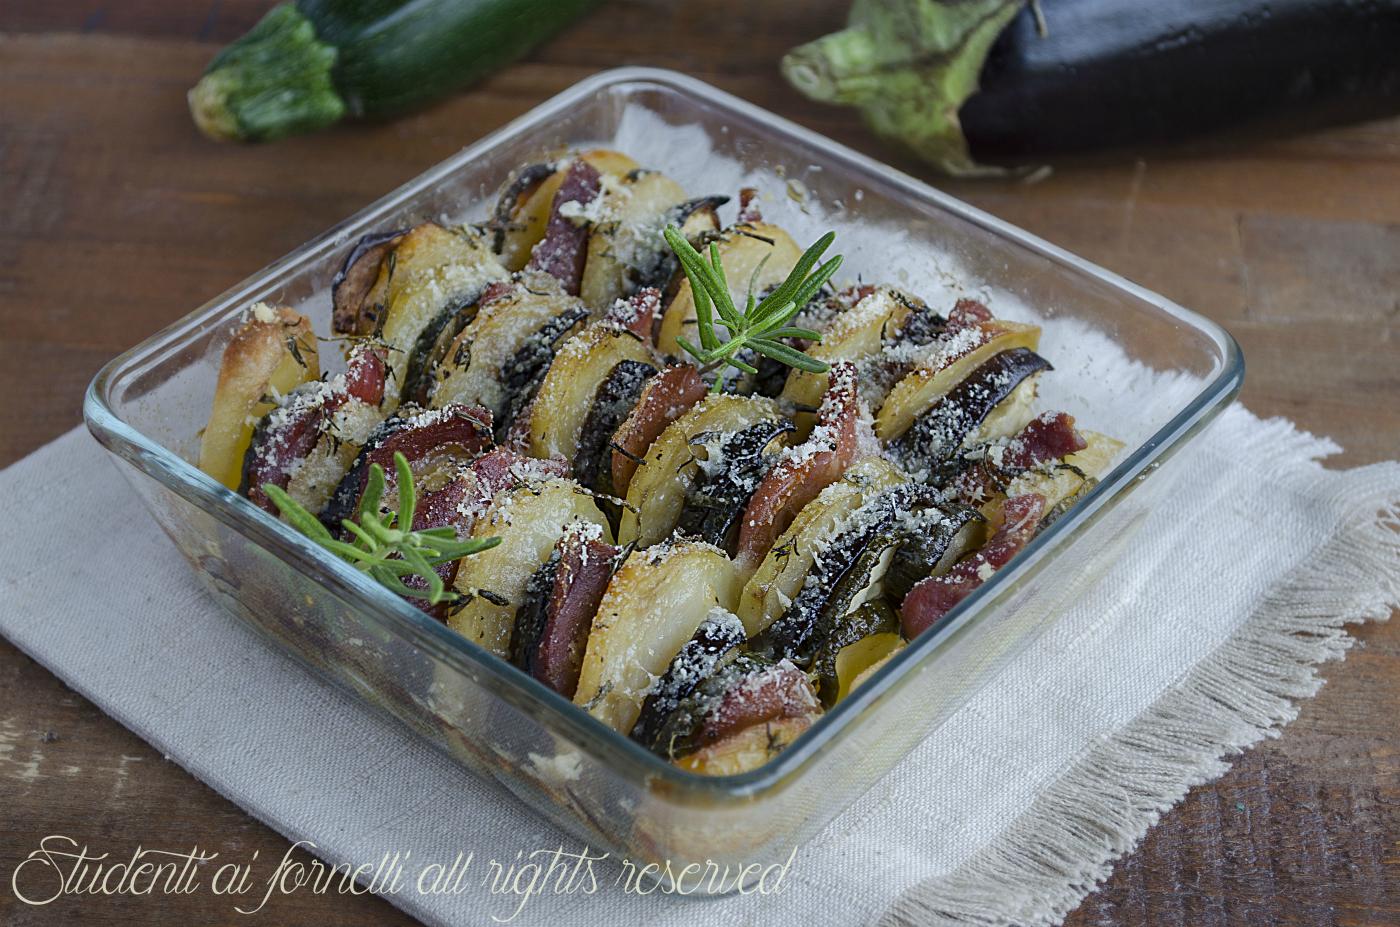 ricetta teglia di verdure al parmigiano e prosciutto al forno ricetta melanzane zucchine patate prosciutto